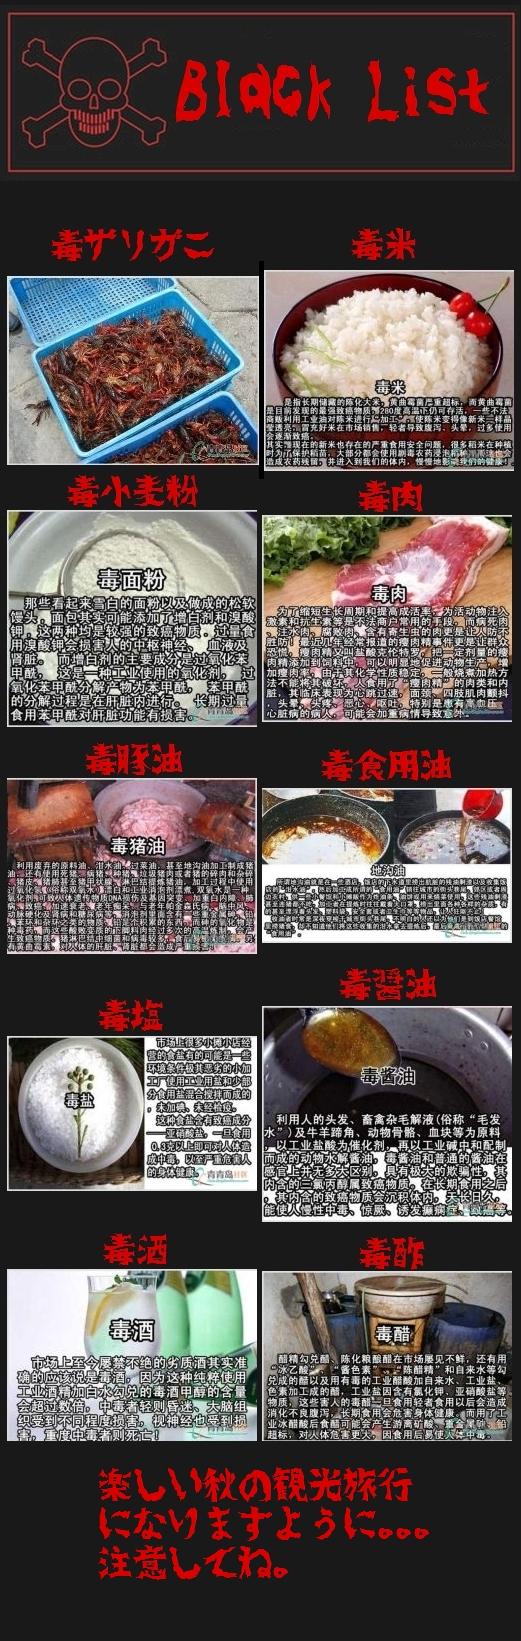 危険な中国の食べ物とか調味料